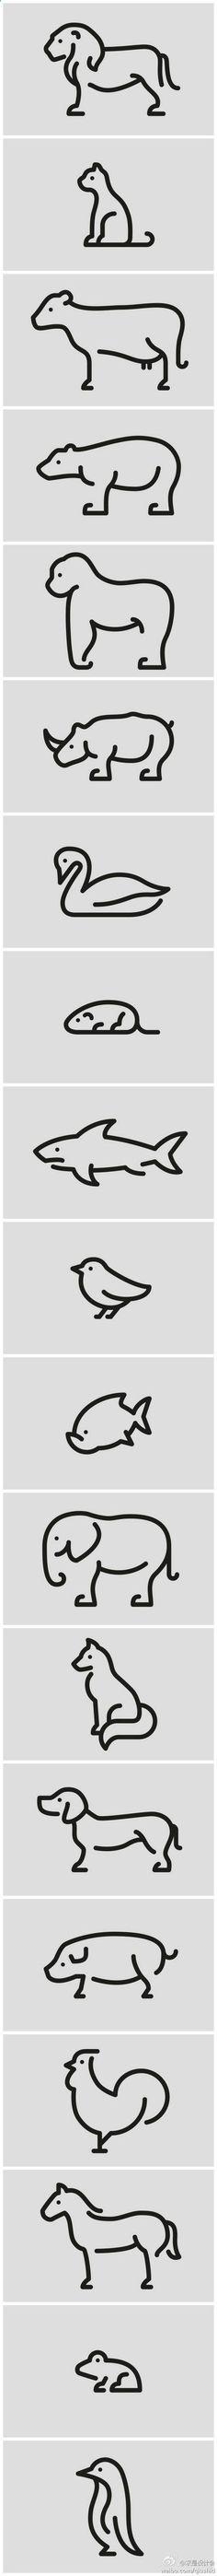 鉛筆一本で試せる! とっても簡単な動物の描き方:ぁゃιぃ(*゚ー゚)NEWS 2nd